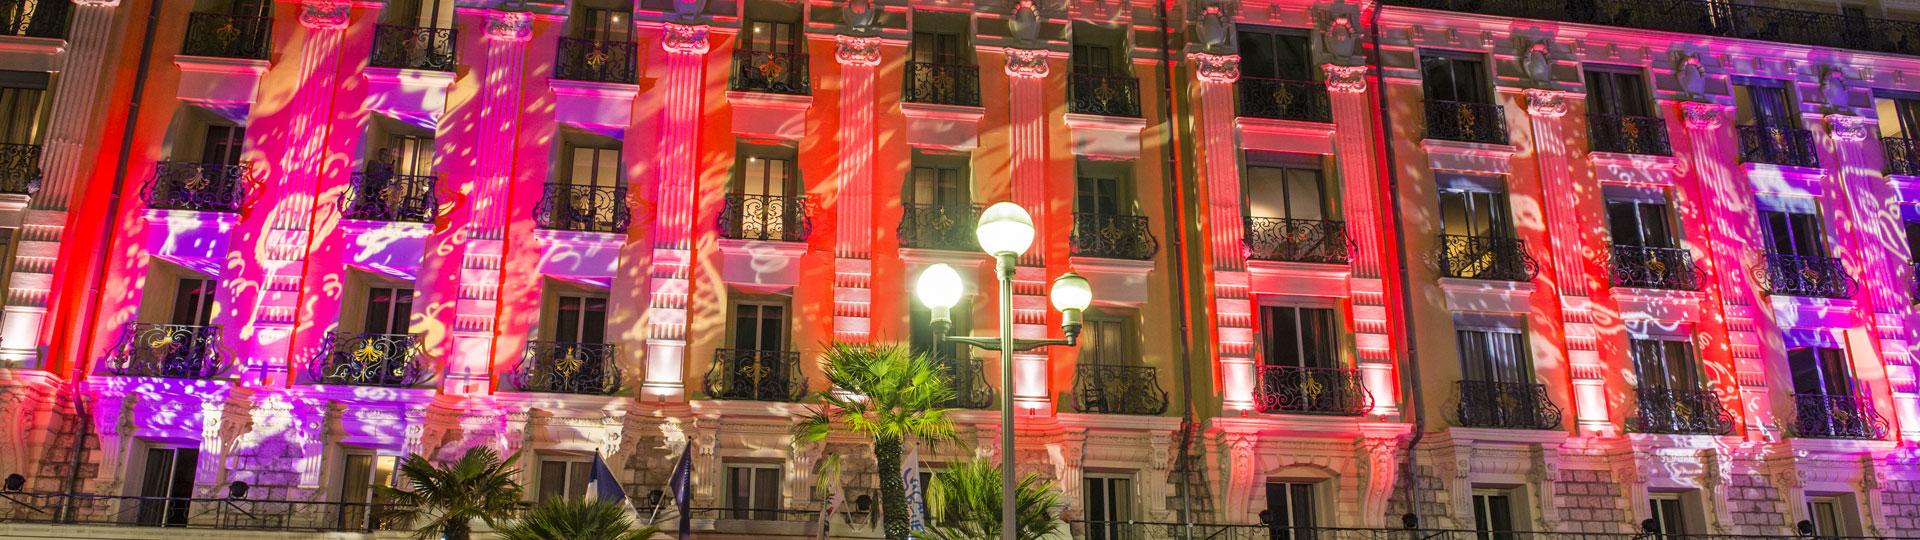 Façade illuminée de l'hôtel Le Royal durant le carnaval de Nice